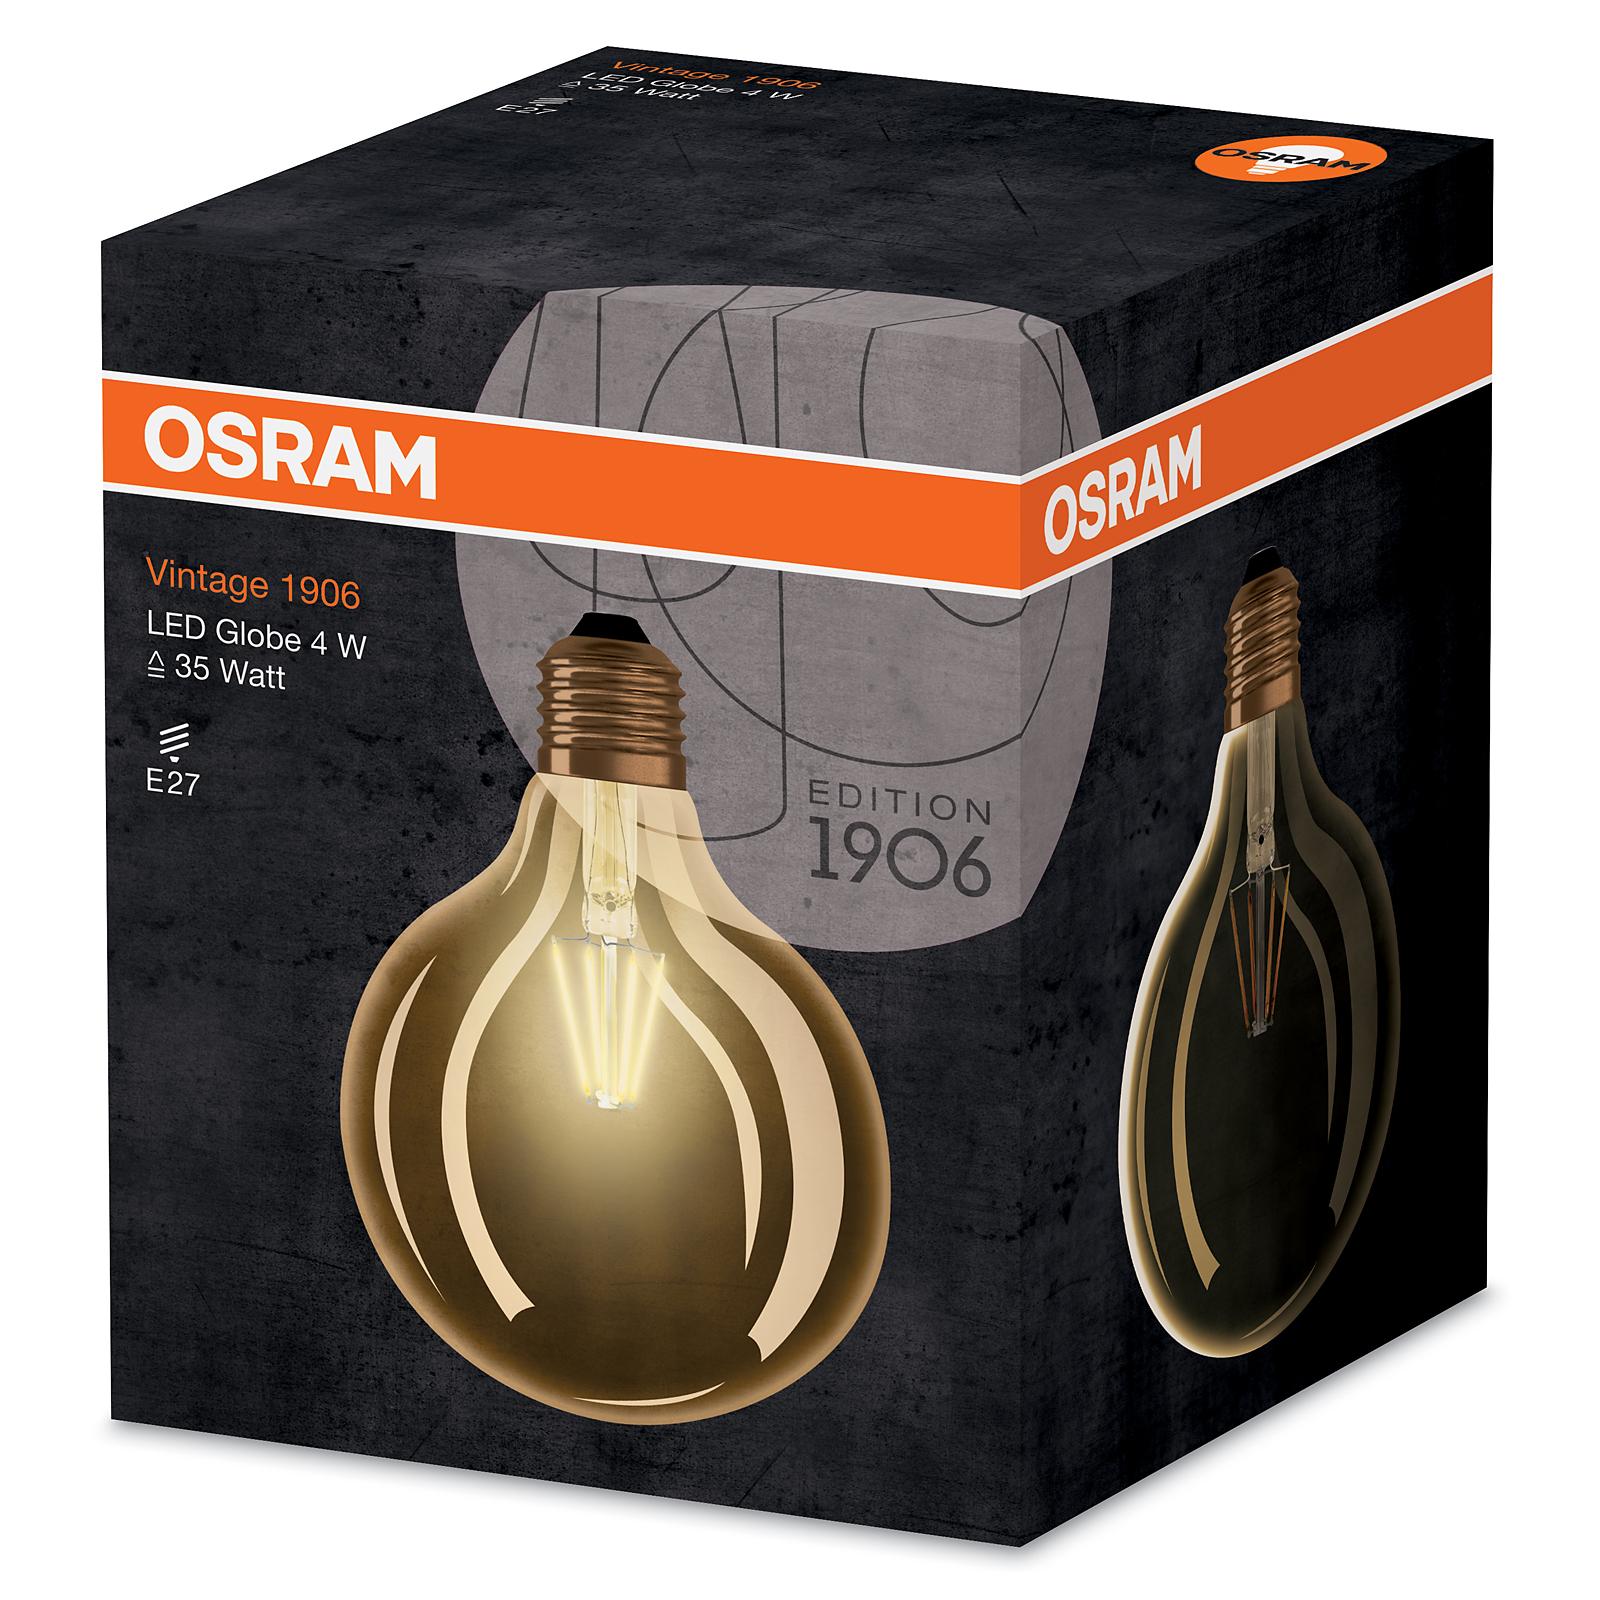 osram vintage 1906 led filament globe e27 4w 35w 410lm gold warm white 2400k 1er 4052899962071. Black Bedroom Furniture Sets. Home Design Ideas